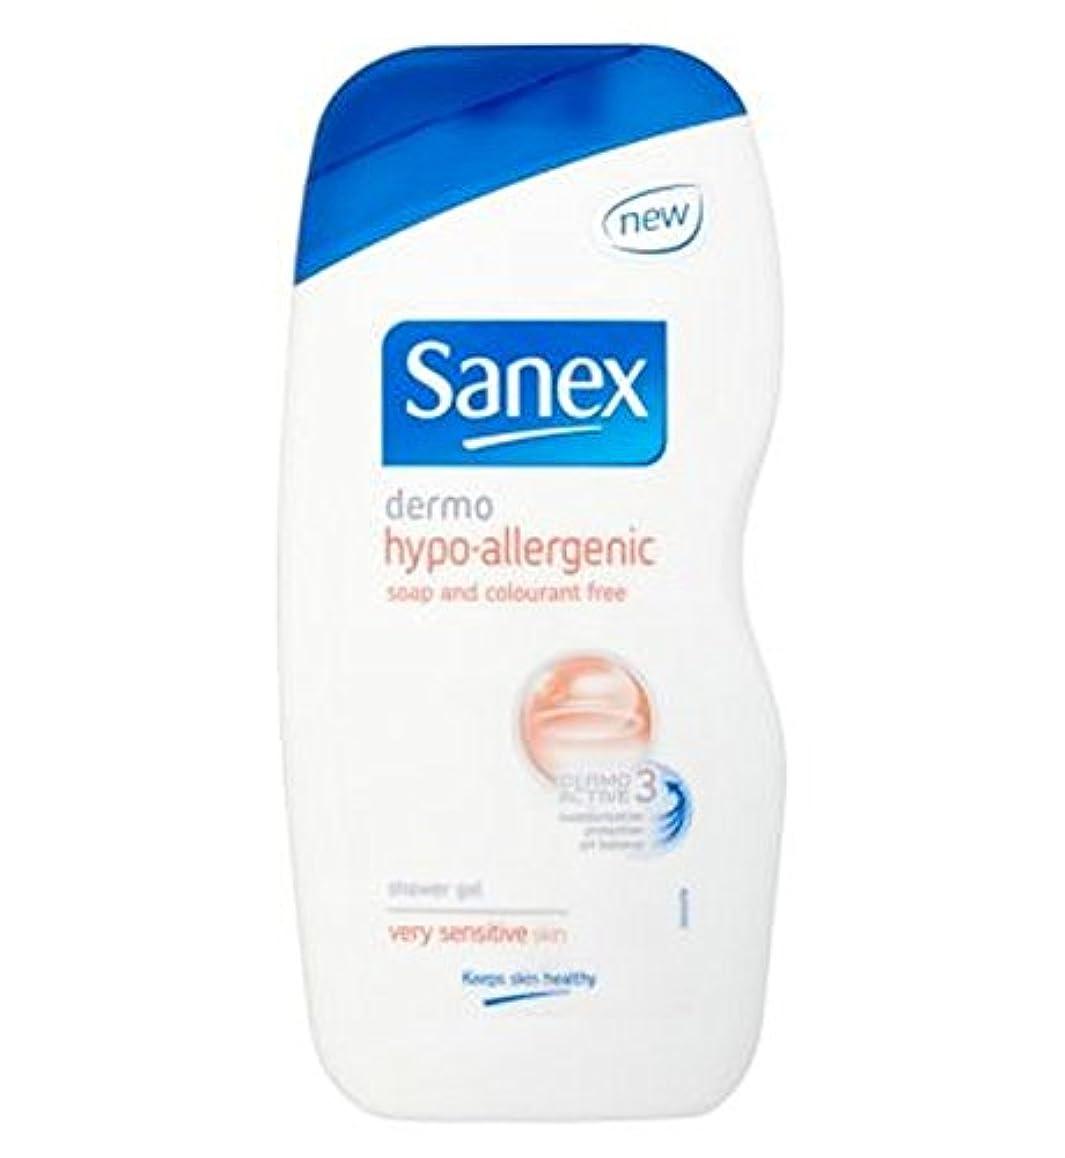 外国人懺悔神社Sanex低刺激性のシャワージェル500ミリリットル (Sanex) (x2) - Sanex Hypoallergenic Shower Gel 500ml (Pack of 2) [並行輸入品]